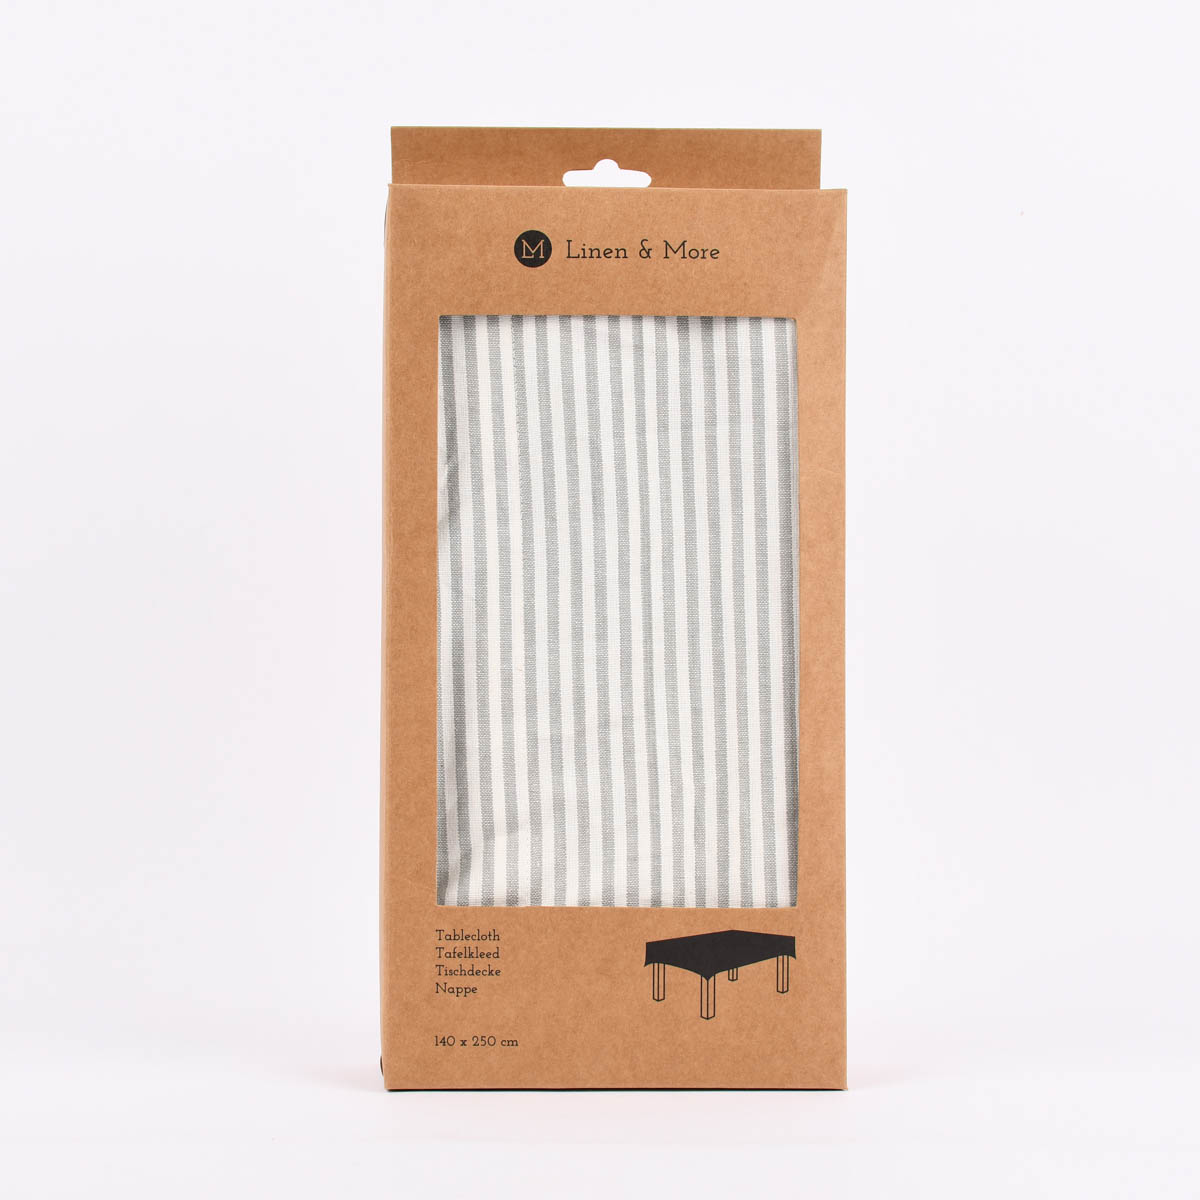 Linen & More Tischdecke Streifen grau weiß 140x250cm